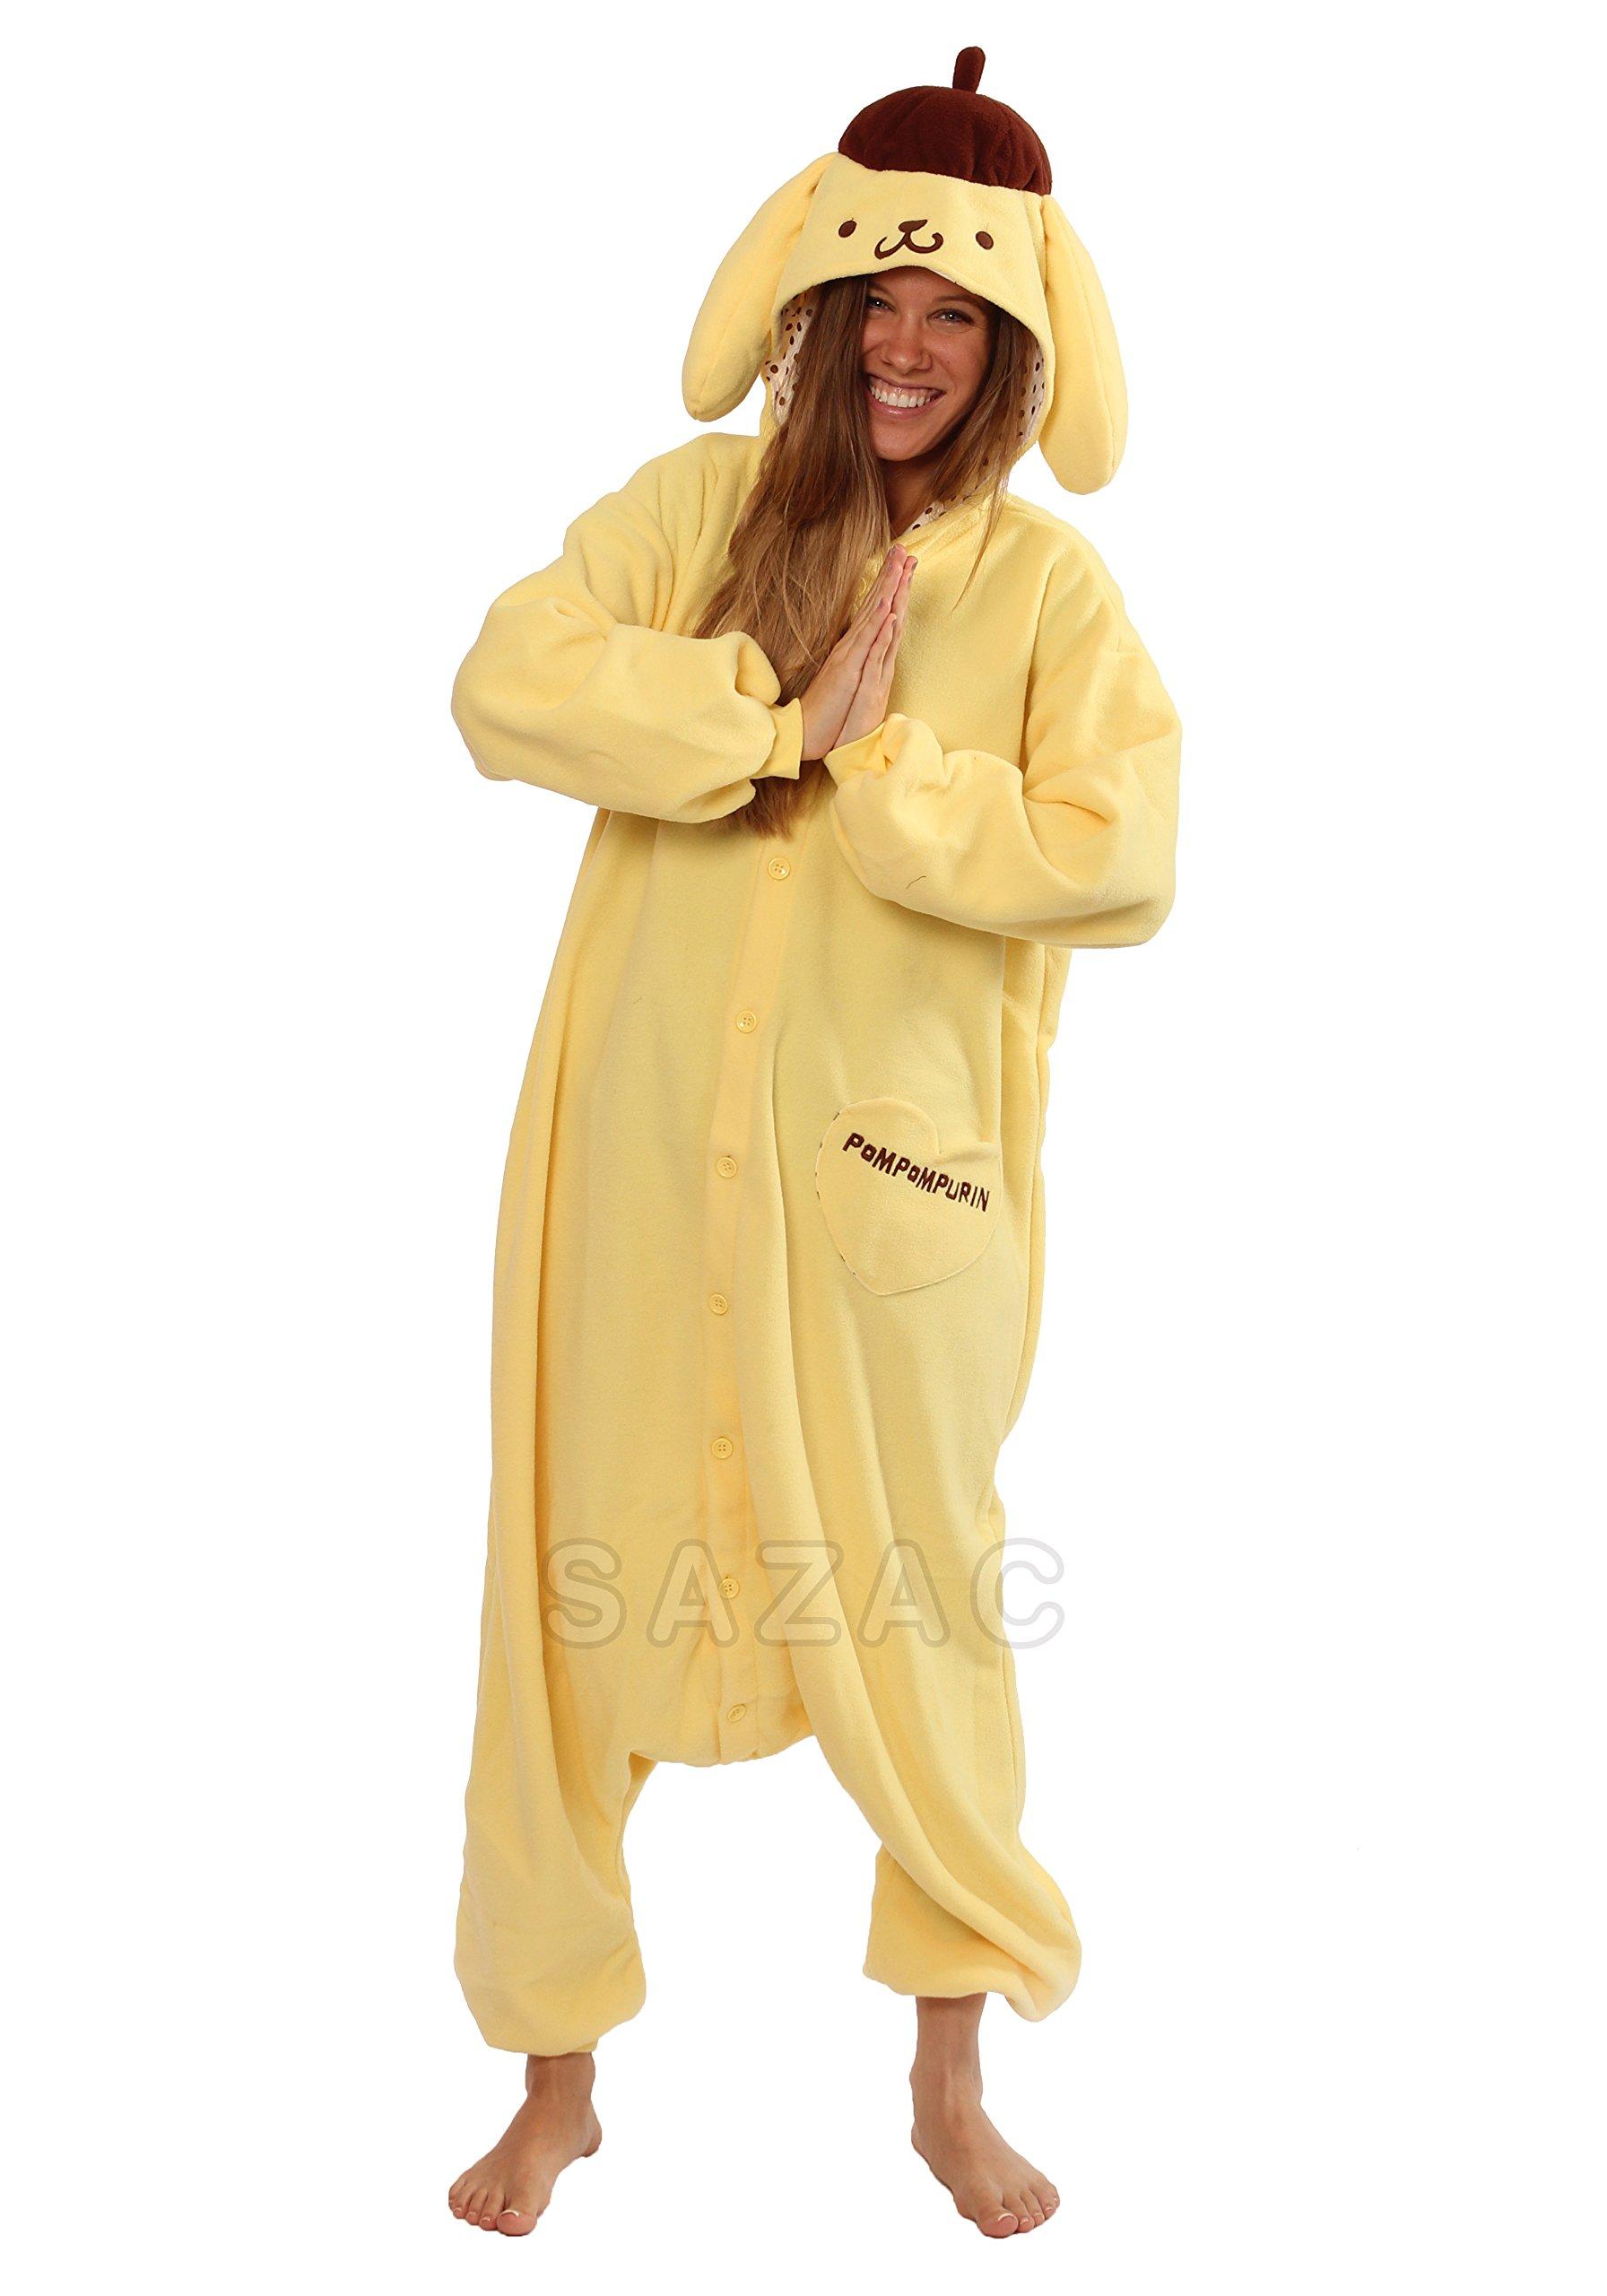 Sazac Pom Pom Purin Kigurumi - Adult Costume